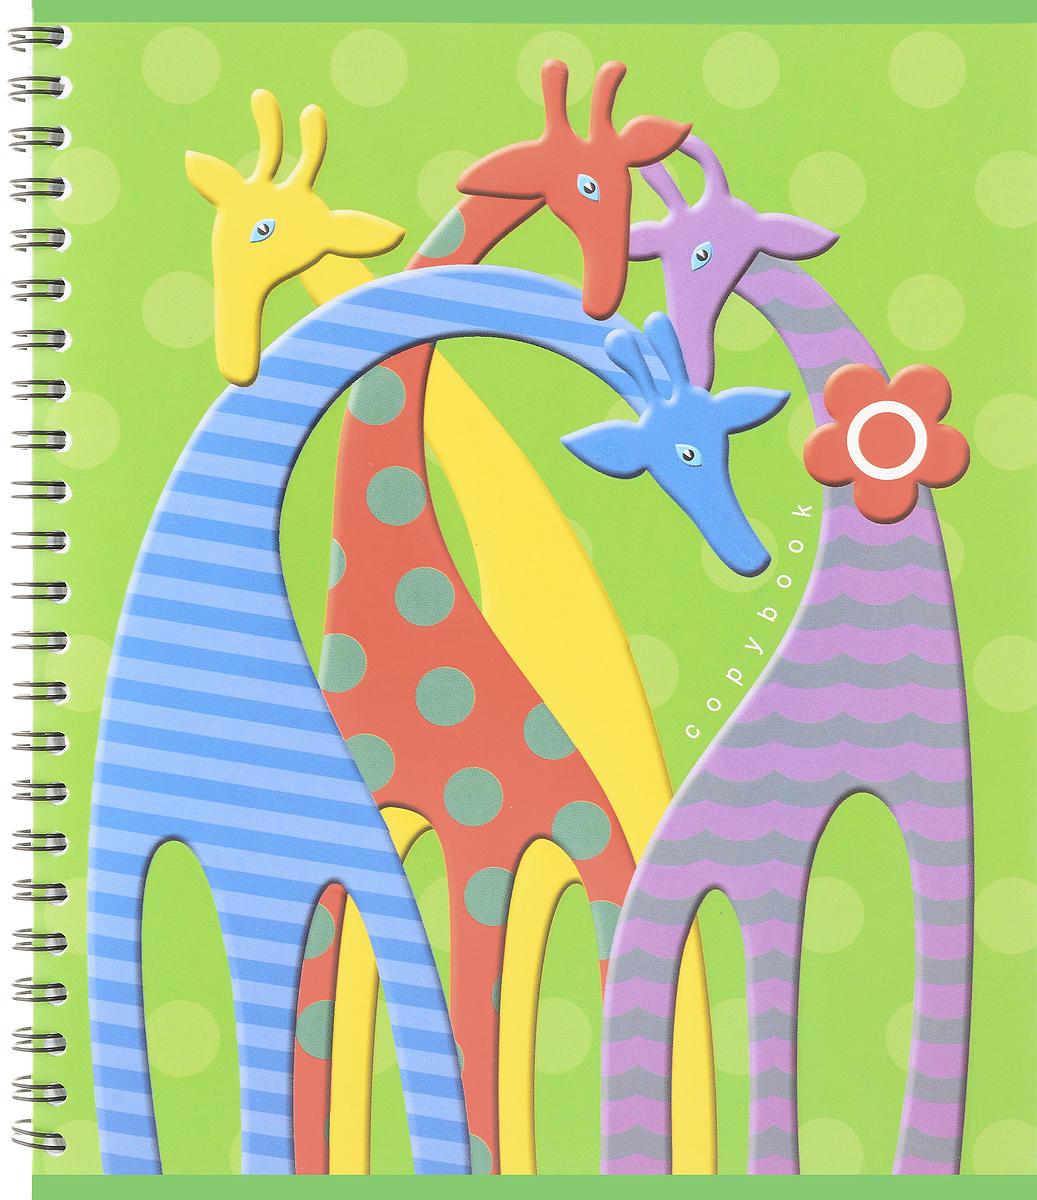 Полиграфика Тетрадь Жирафы 60 листов в клетку цвет зеленый4601921376296Общая тетрадь Полиграфика Жирафы на металлическом гребне пригодится школьнику младших классов.Такое практичное и надежное крепление позволяет отрывать листы и полностью открывать тетрадь на столе. Обложка изготовлена из картона. Внутренний блок выполнен из белой бумаги в стандартную клетку без полей. Тетрадь содержит 60 листов формата А5.Вне зависимости от профессии и рода деятельности у человека часто возникает потребность сделать какие-либо заметки. Именно поэтому всегда удобно иметь эту тетрадь под рукой, особенно если вы творческая личность и постоянно генерируете новые идеи.